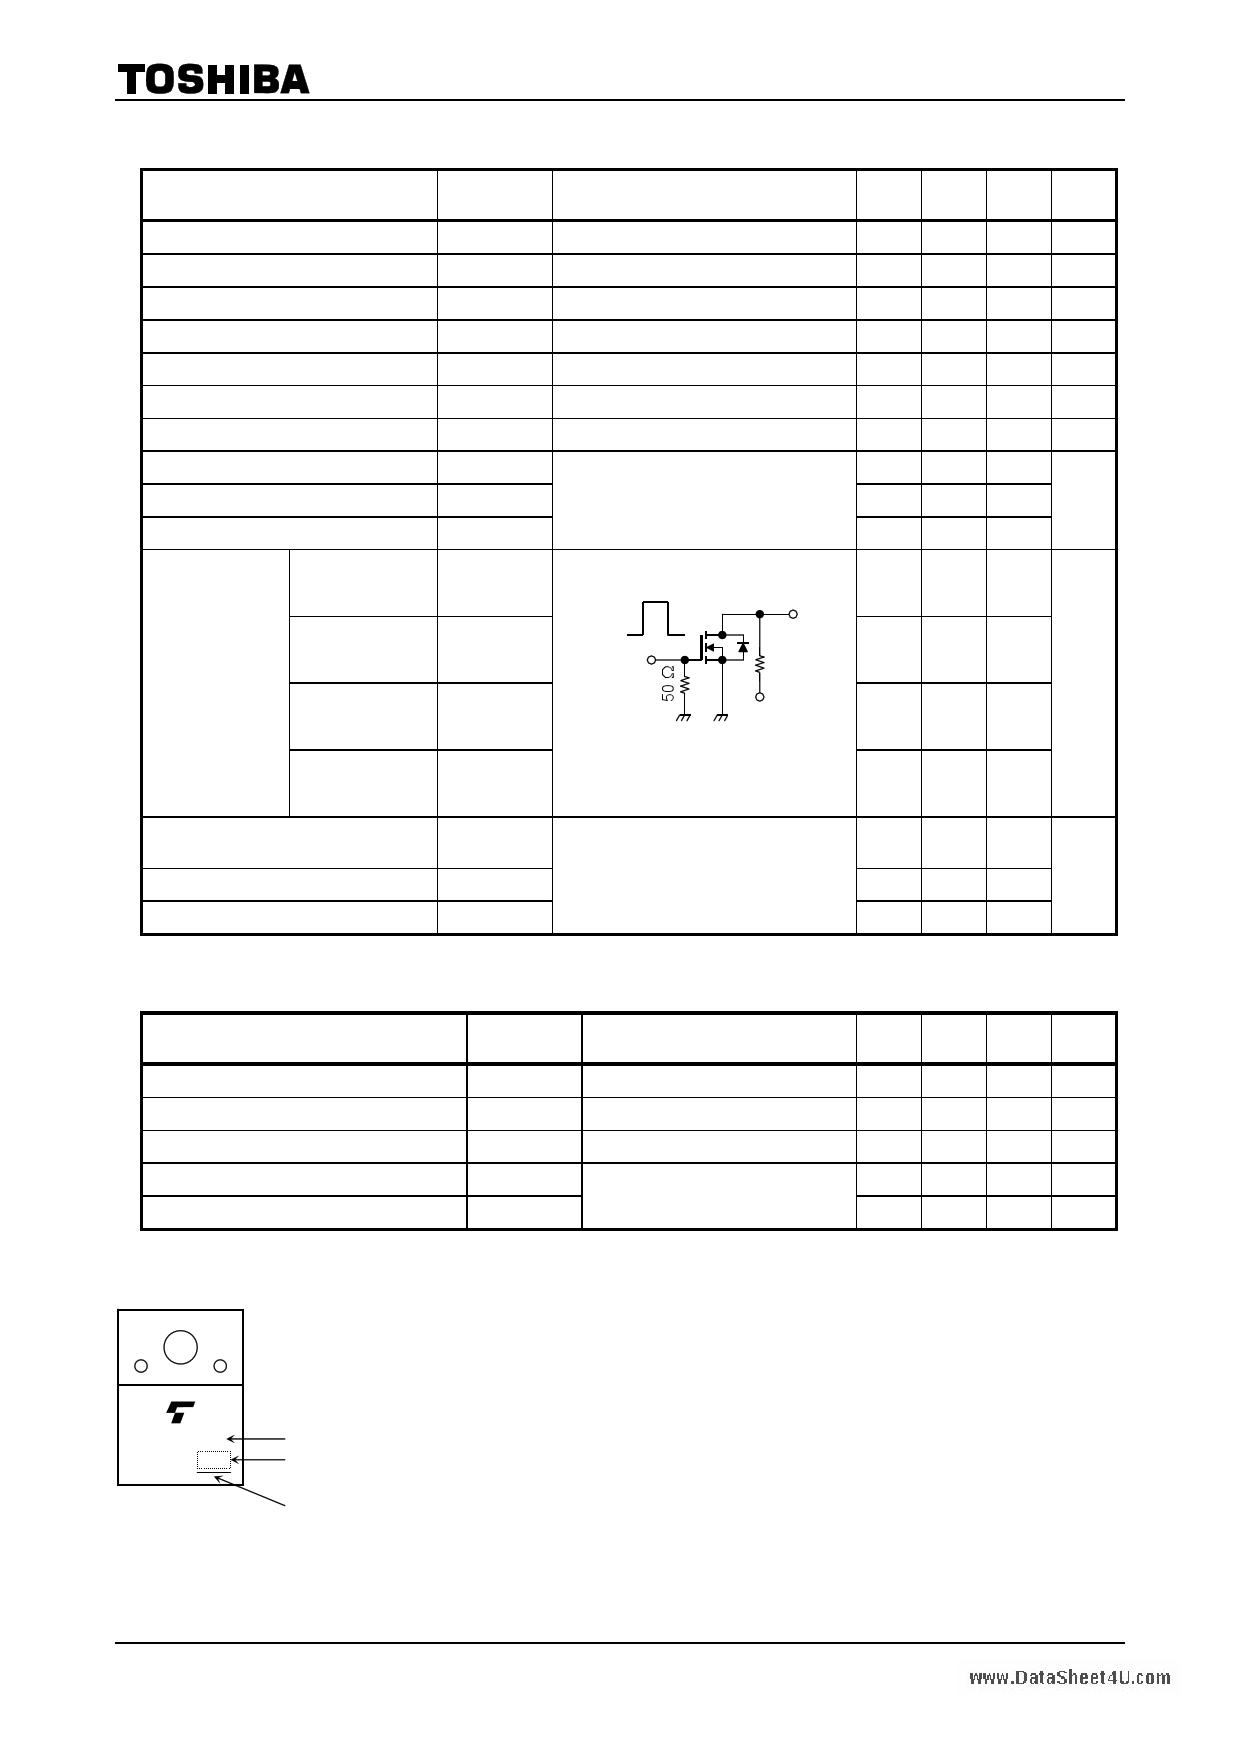 K4013 pdf pinout